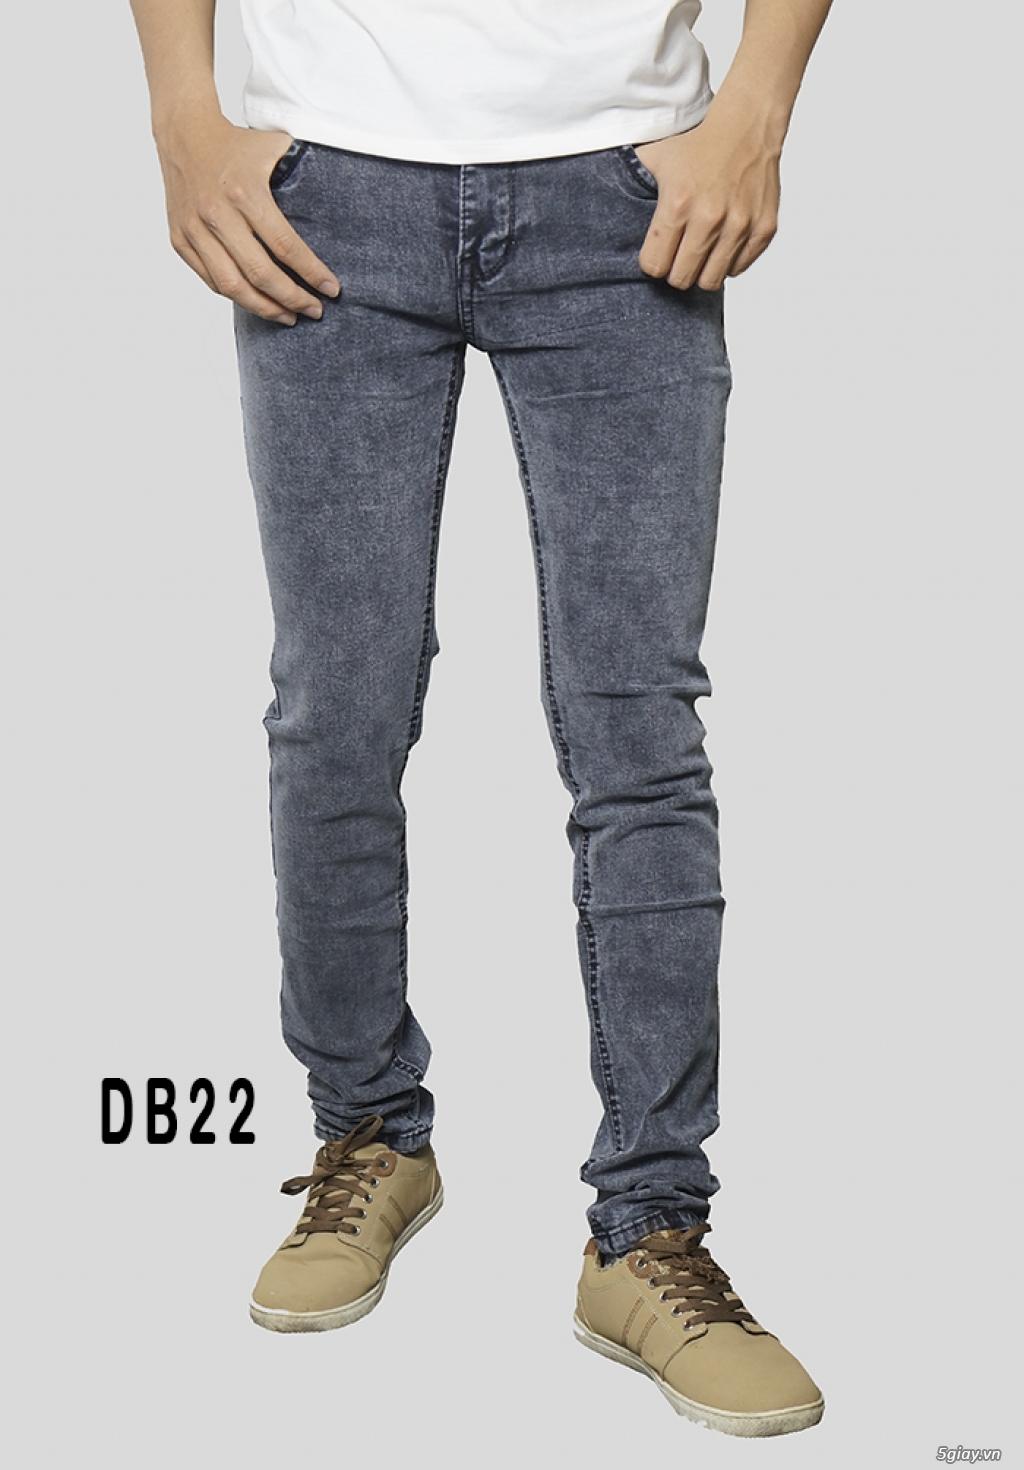 shop bán sỉ quần jean nam giá rẻ ở tphcm